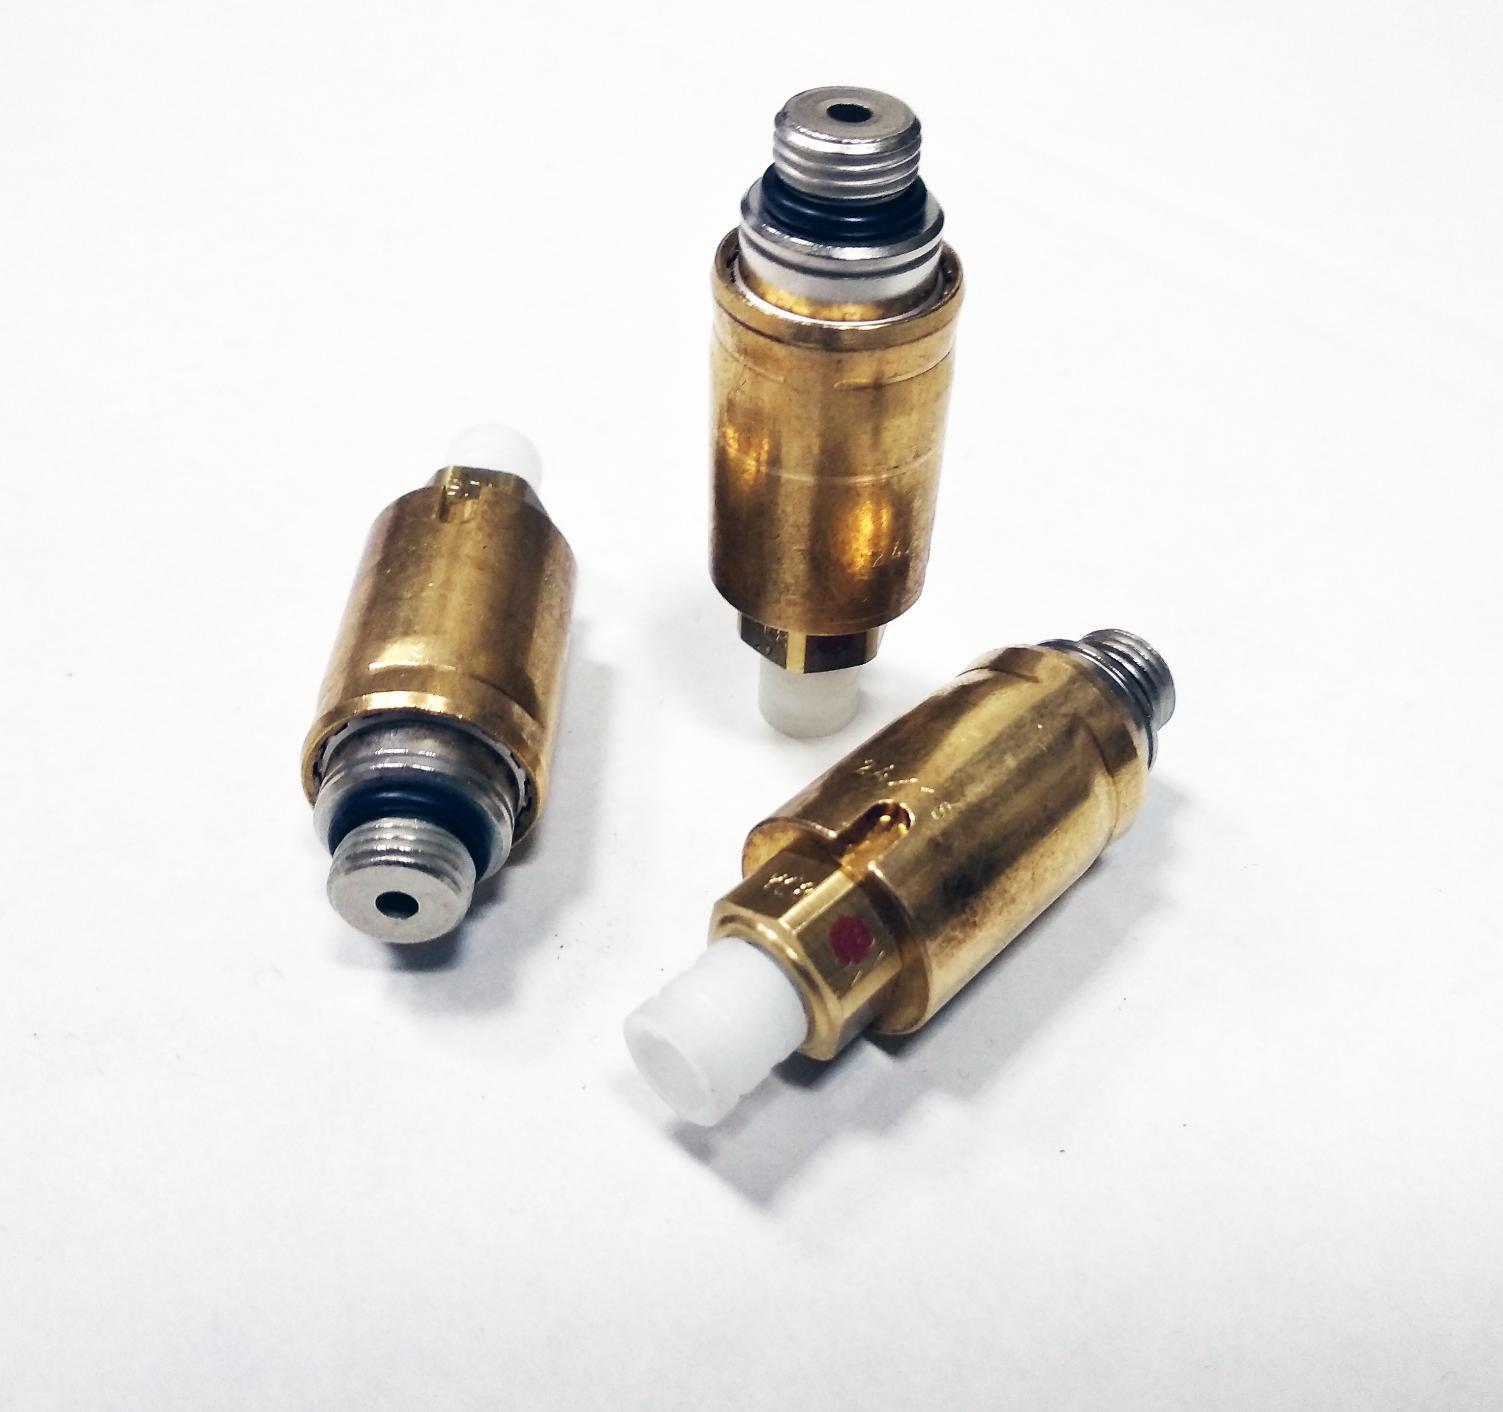 картинка Оригинальный Нагнетательный клапан (штуцер) пневмоподвески Voss Automotive для VW Touareg GP, Audi Q7, Porsche Cayenne (7L0616813B, 7L0616814B) от магазина пневмоподвески ПневмоМаркет